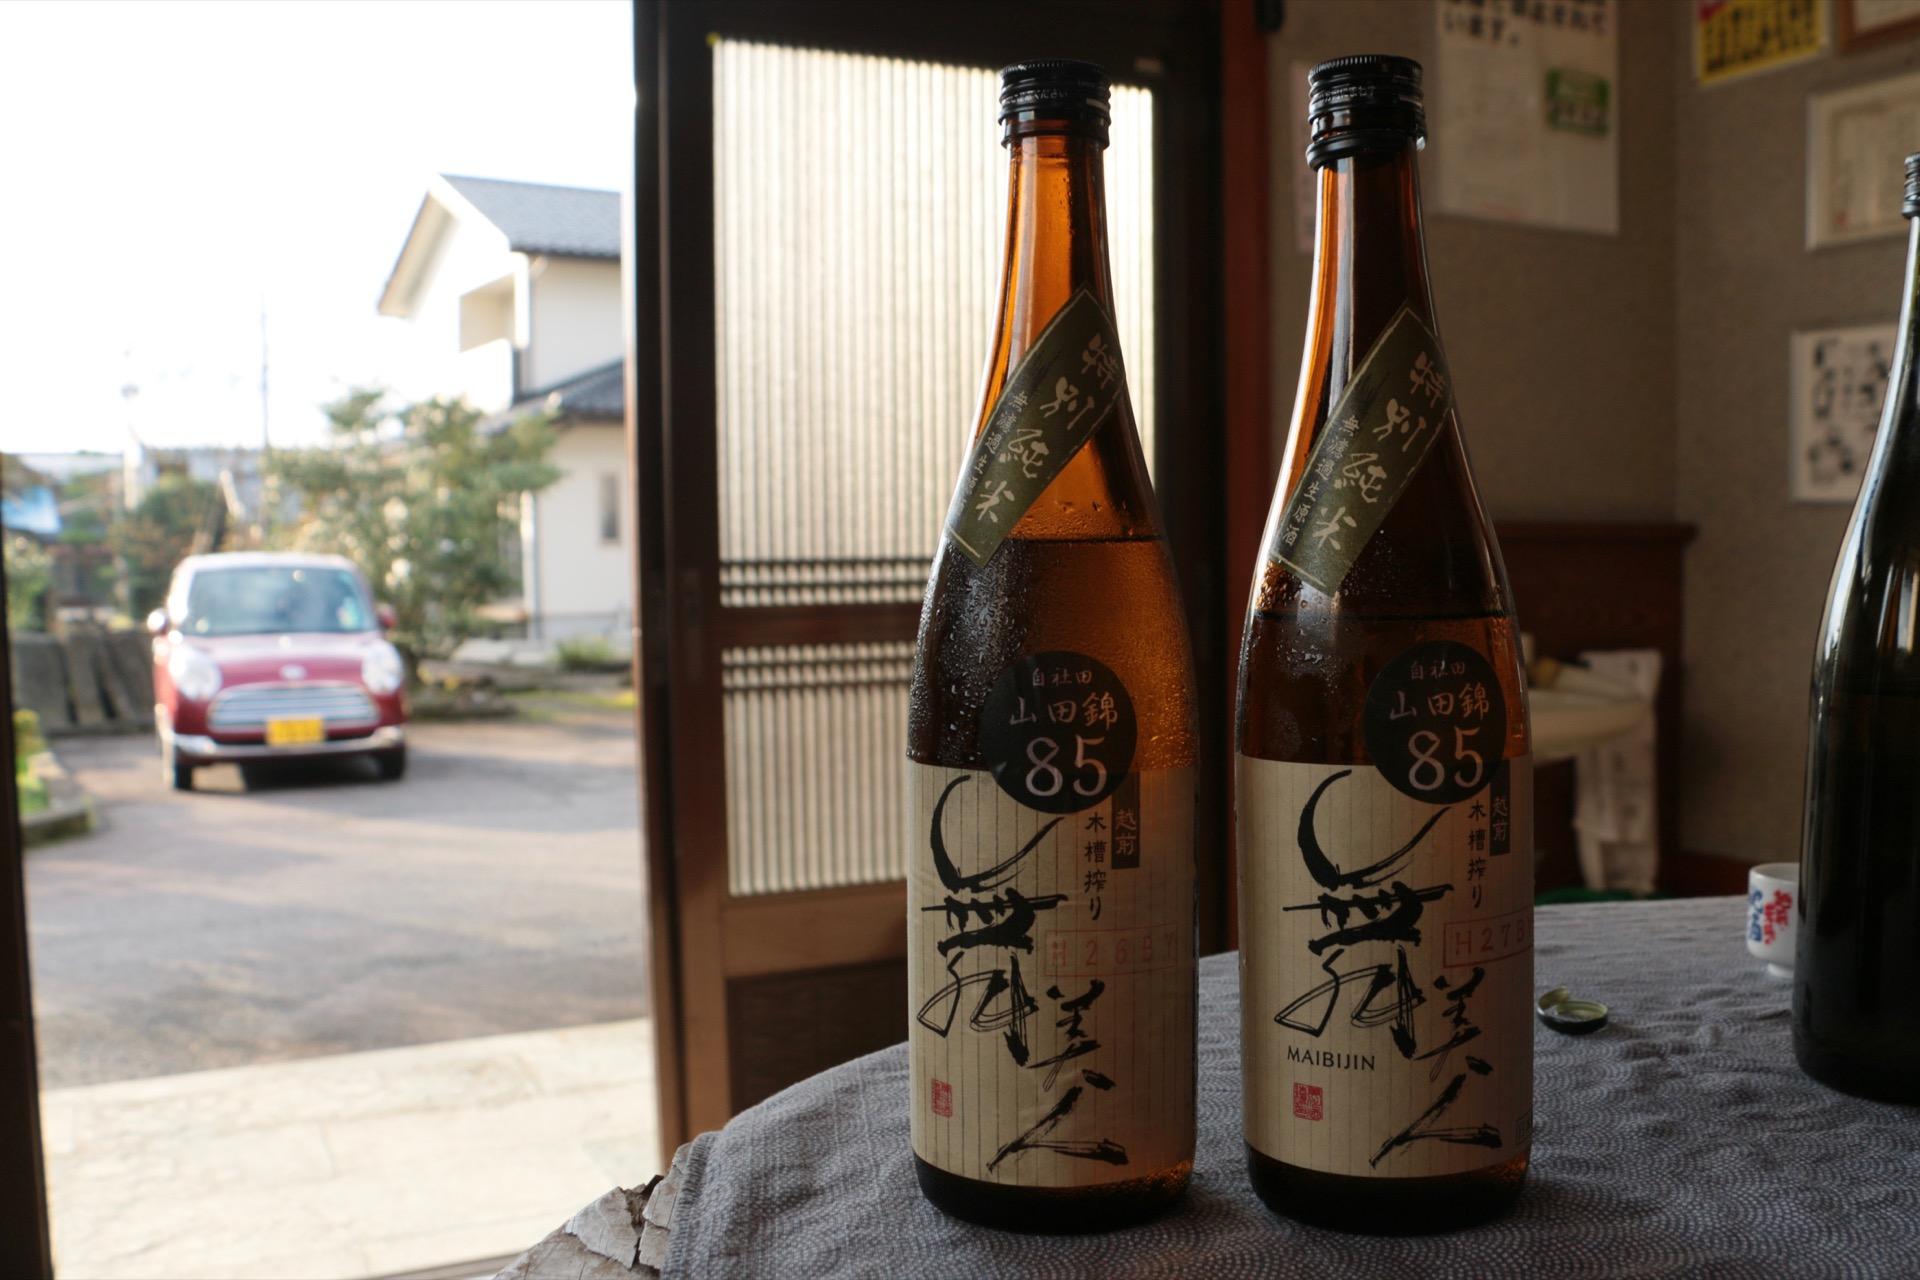 85%精米山田錦の特別純米酒BY違い飲み比べ